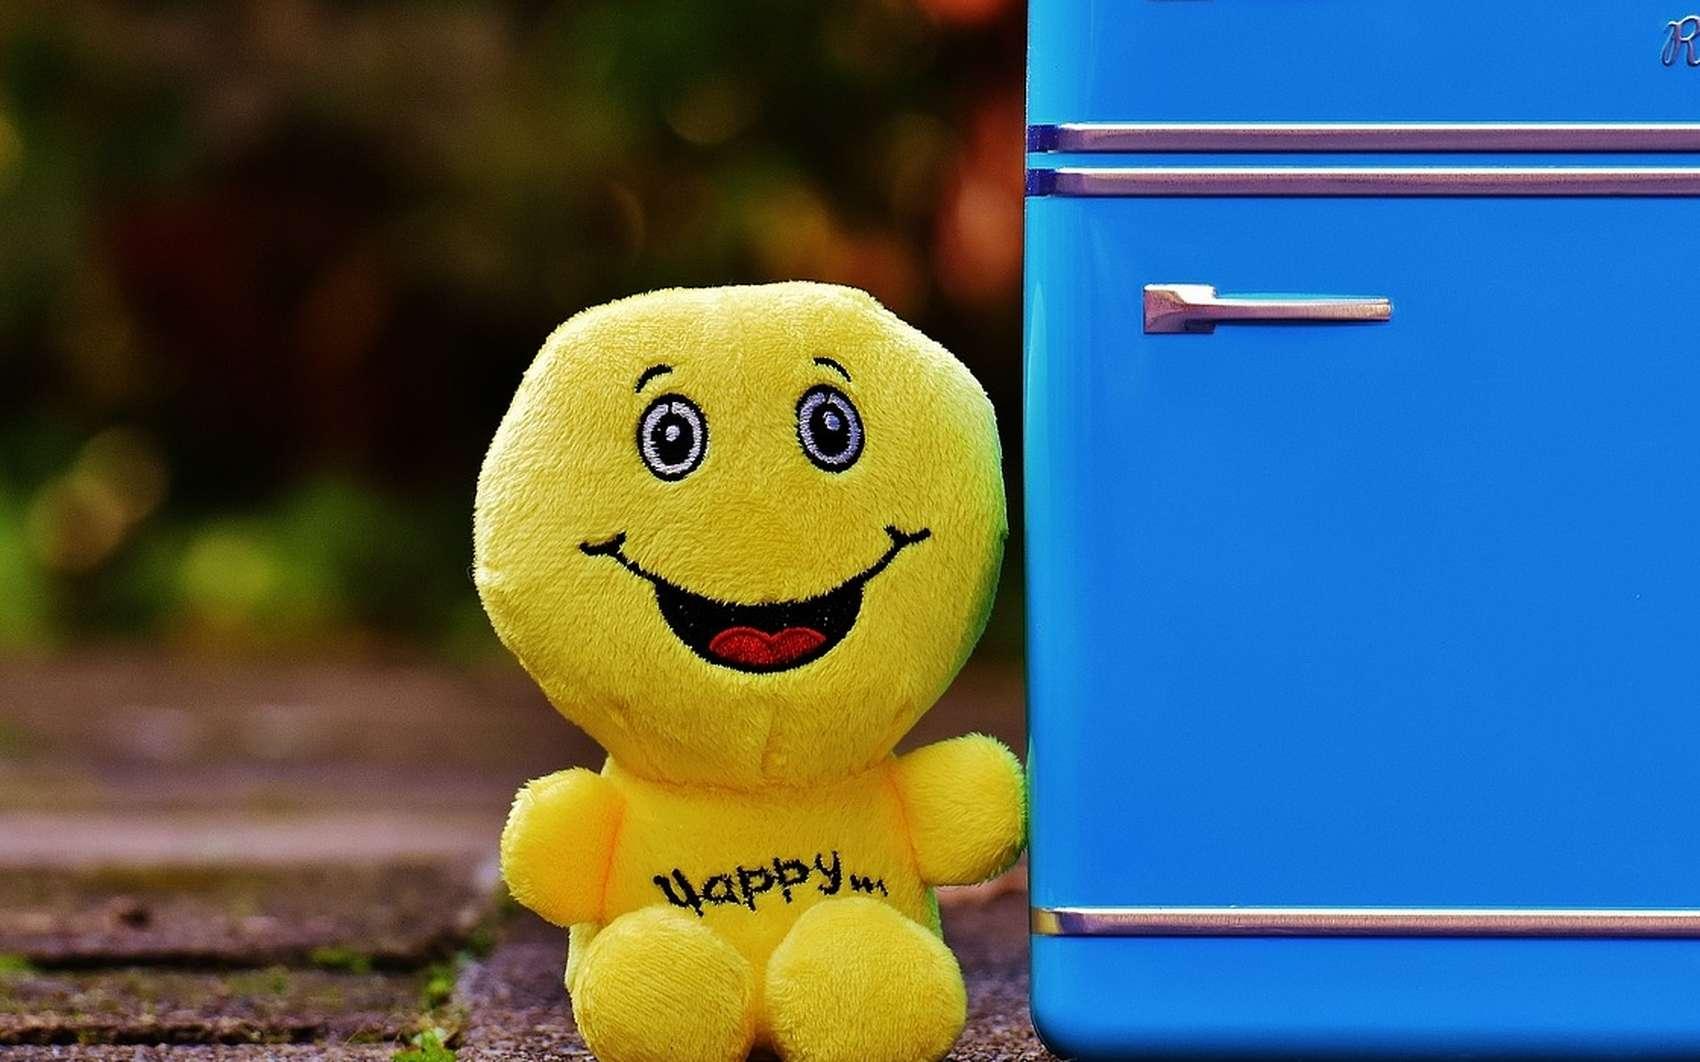 Le lavage du réfrigérateur doit être fait régulièrement, pour des raisons de propreté, d'efficacité et de santé. © Pixabay